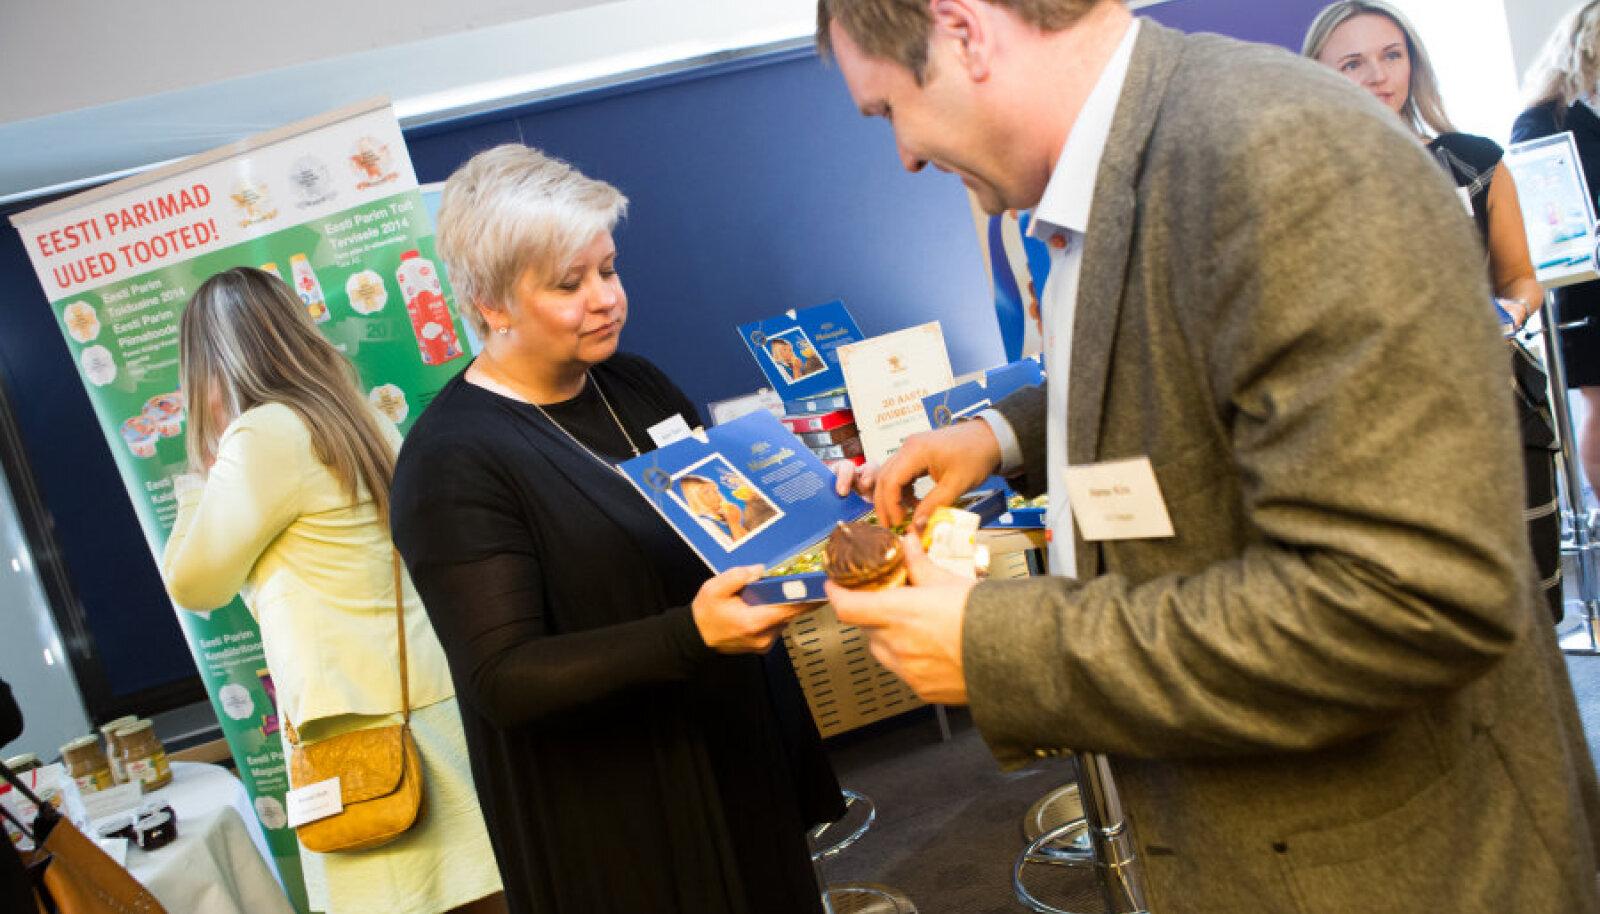 Hagari müügidirektor Rene Kiis võtab peale jäätise maitsta ka Juubelikulla auhinna saanud Maiuspala. Komme jagab AS-i Kalev turundusdirektor Anne Tääkre.